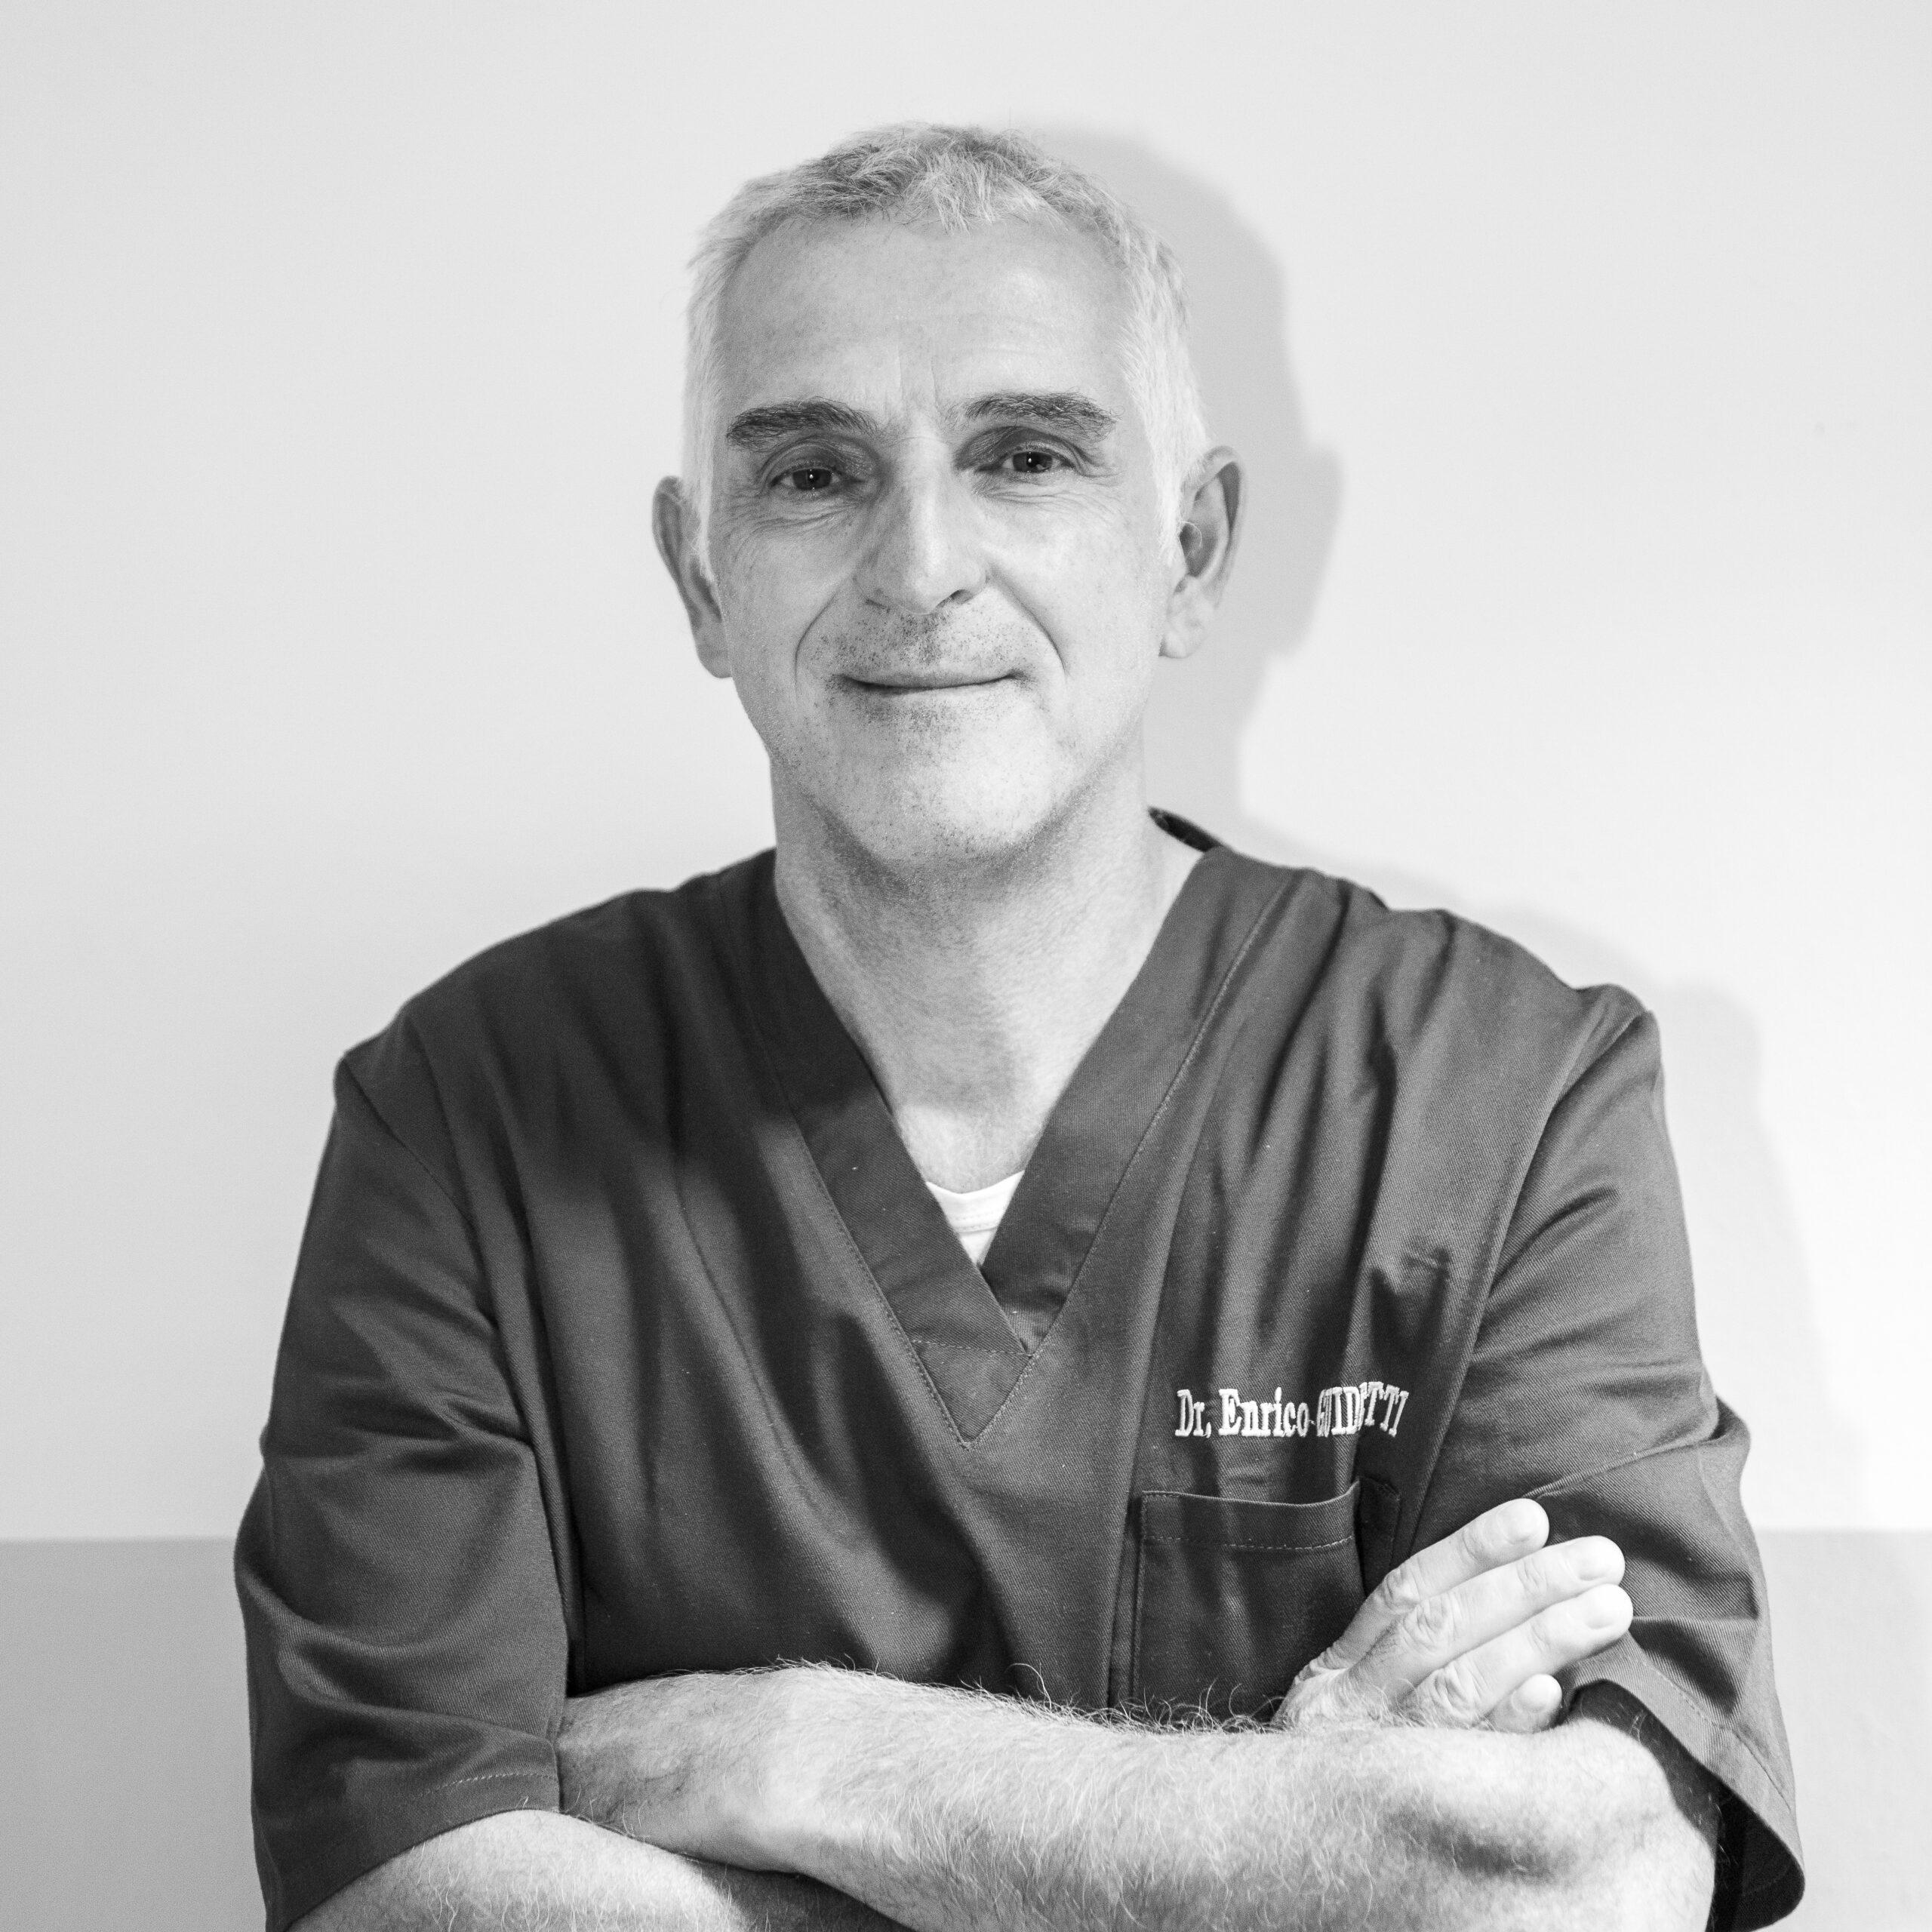 Dr. E. Guidetti